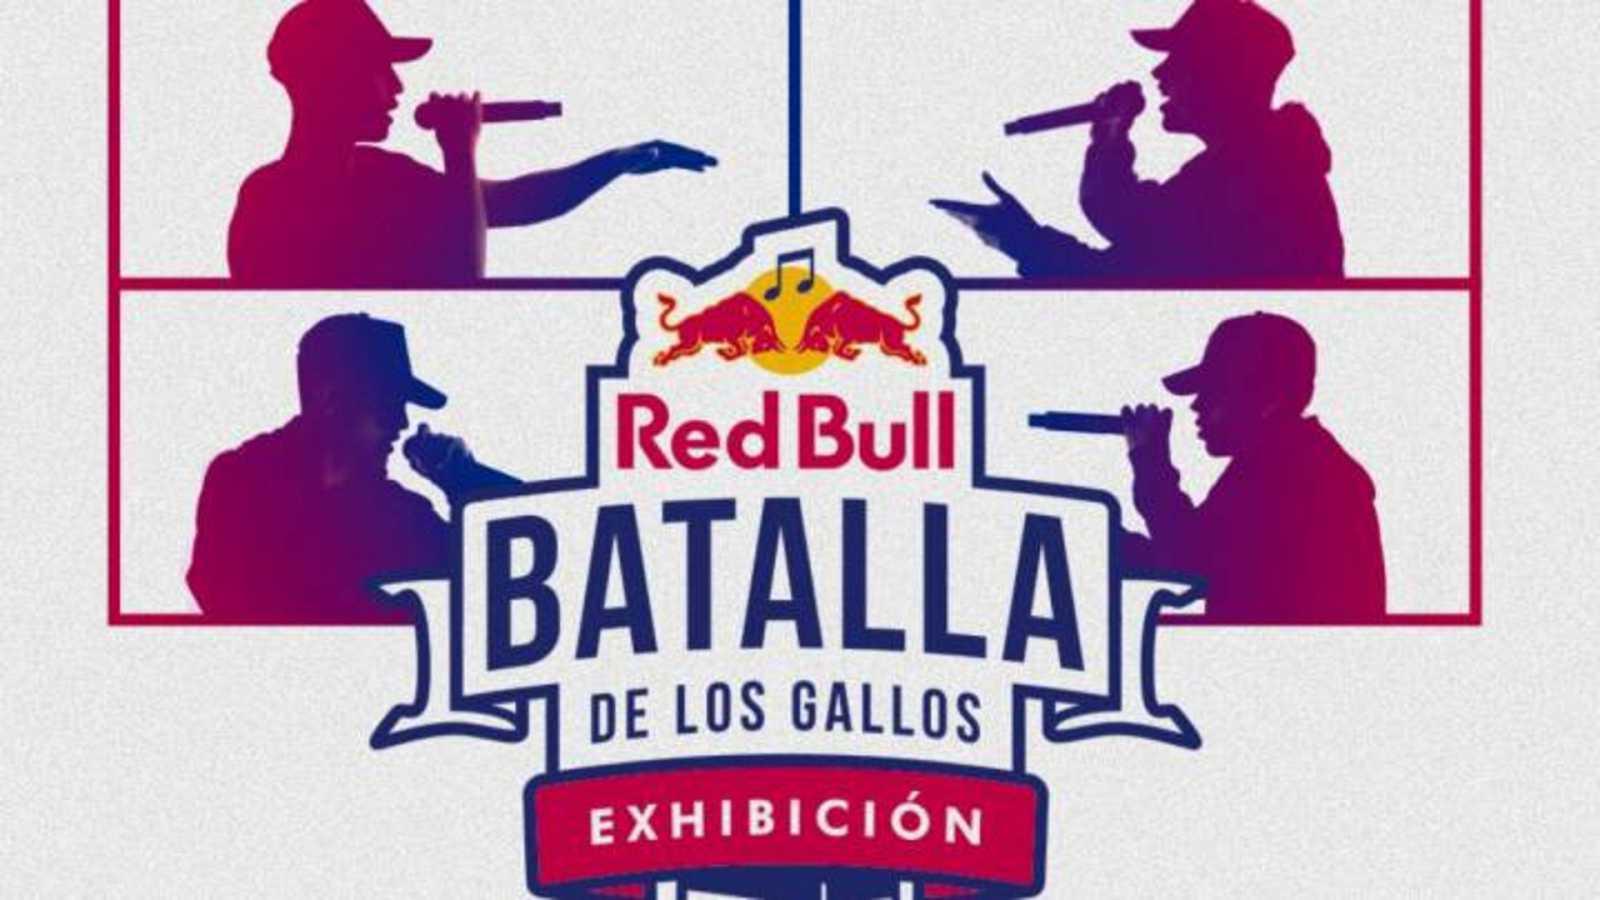 Lluvía de réplicas en la segunda edición de la Red Bull Batalla de los Gallos Exhibición